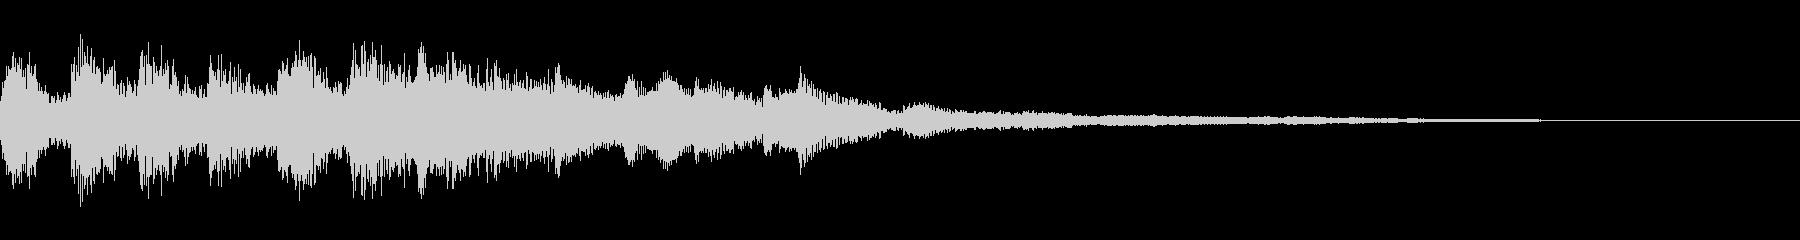 タイトル画面の音などの未再生の波形